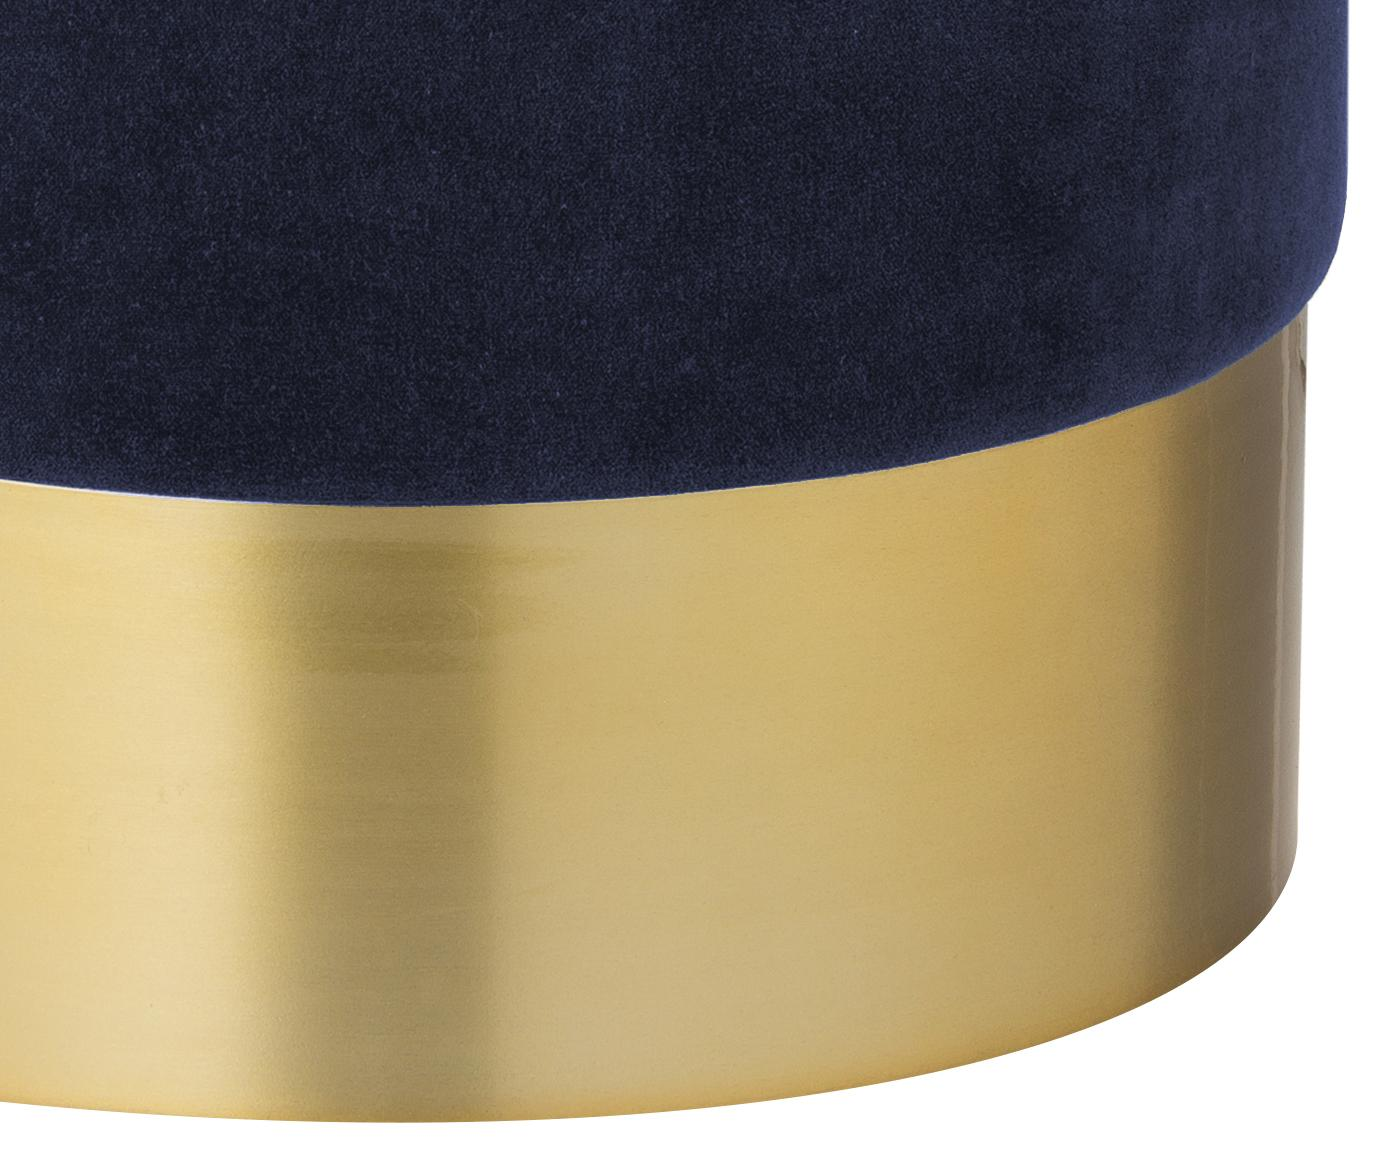 Samt-Hocker Harlow, Bezug: Baumwollsamt, Fuß: Eisen, pulverbeschichtet, Marineblau, Goldfarben, Ø 38 x H 42 cm